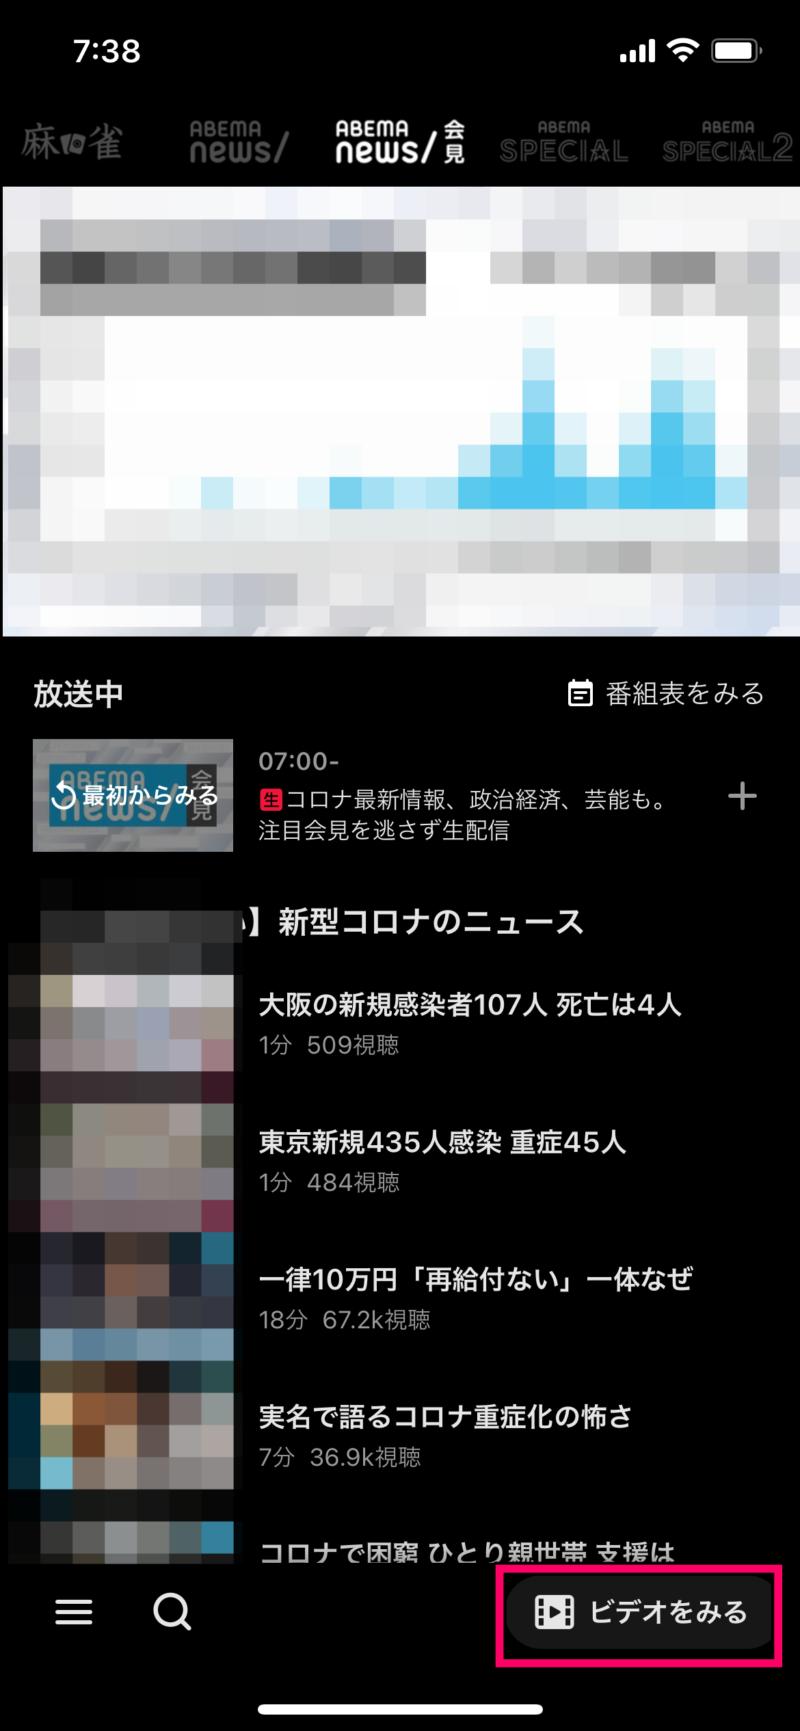 アベマビデオの視聴方法1−1